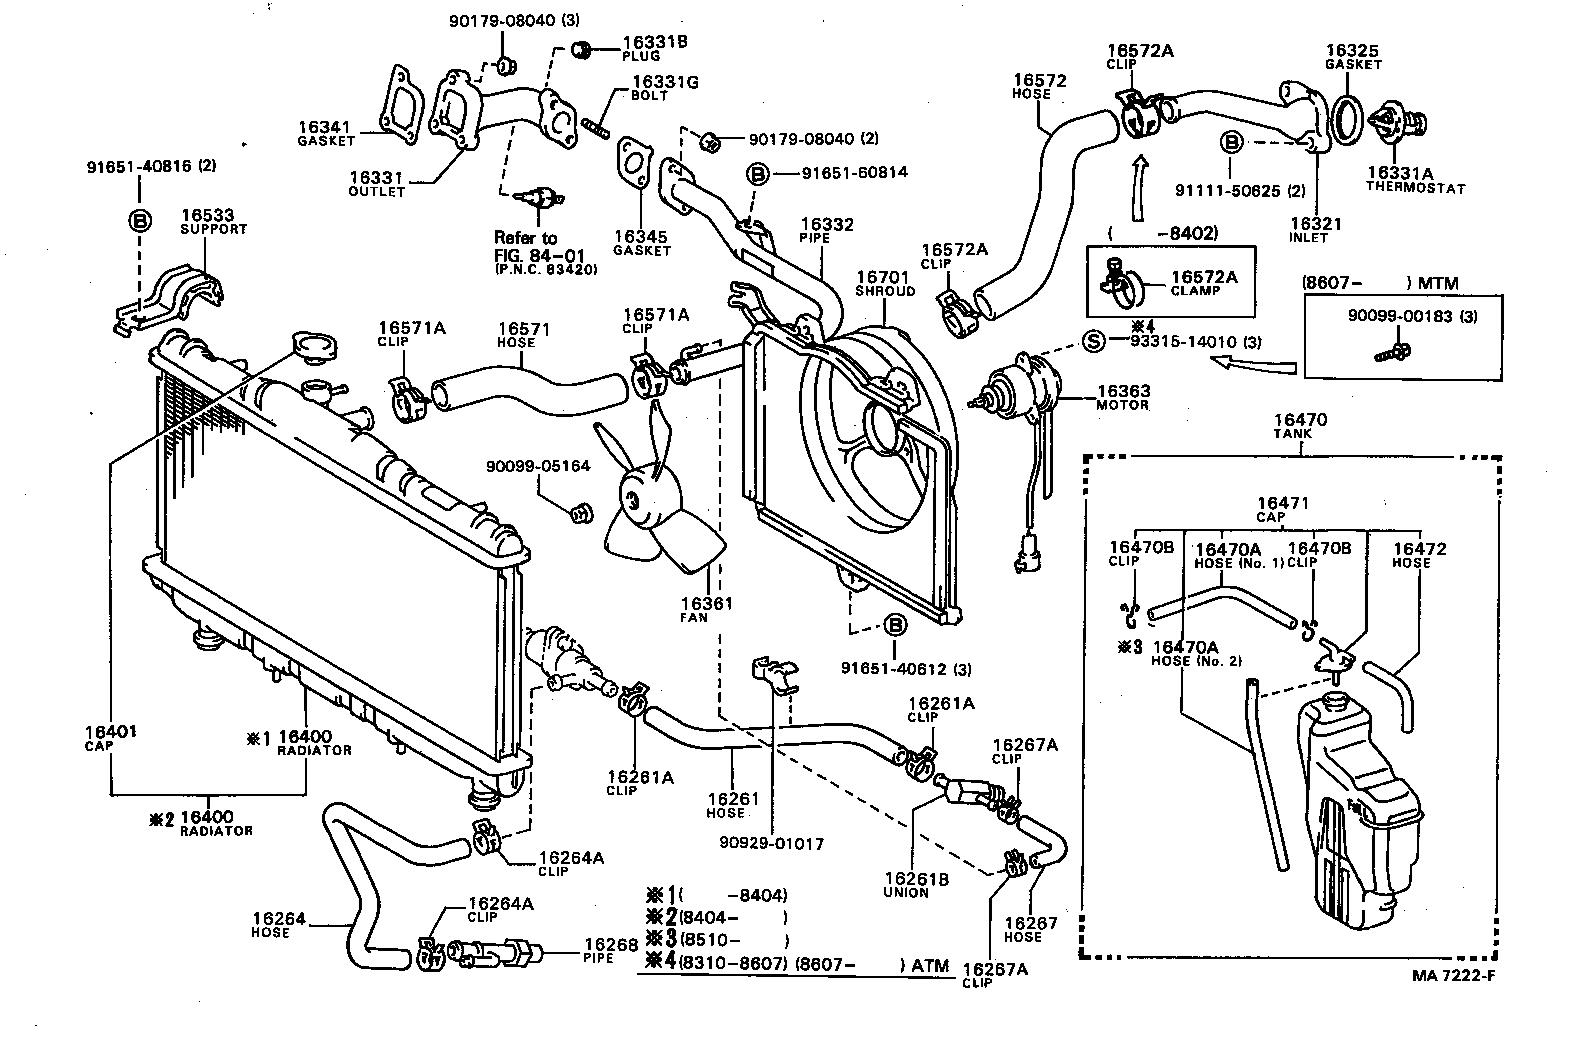 1991 celica 2 engine diagram